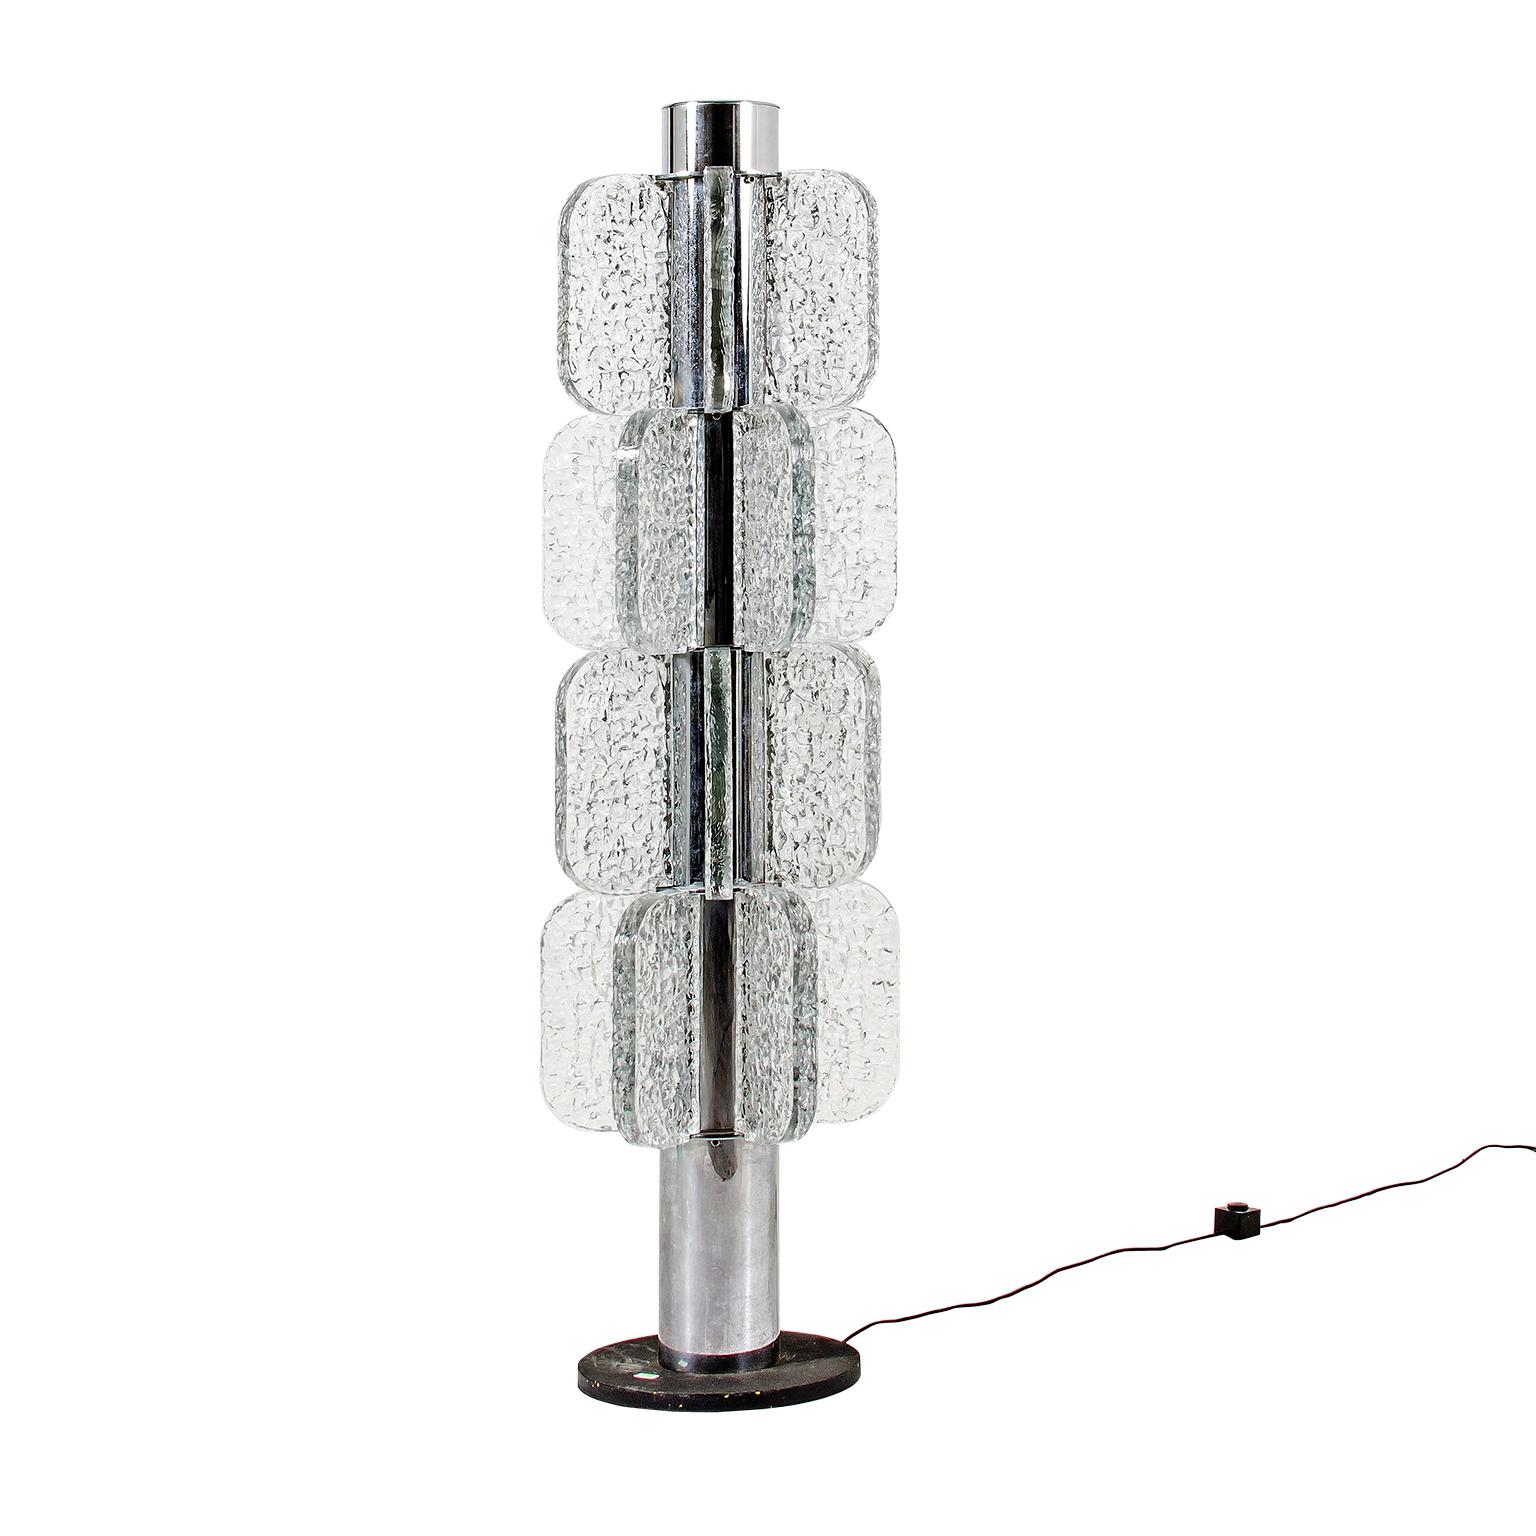 Floor lamp, Mazzega - Deesup